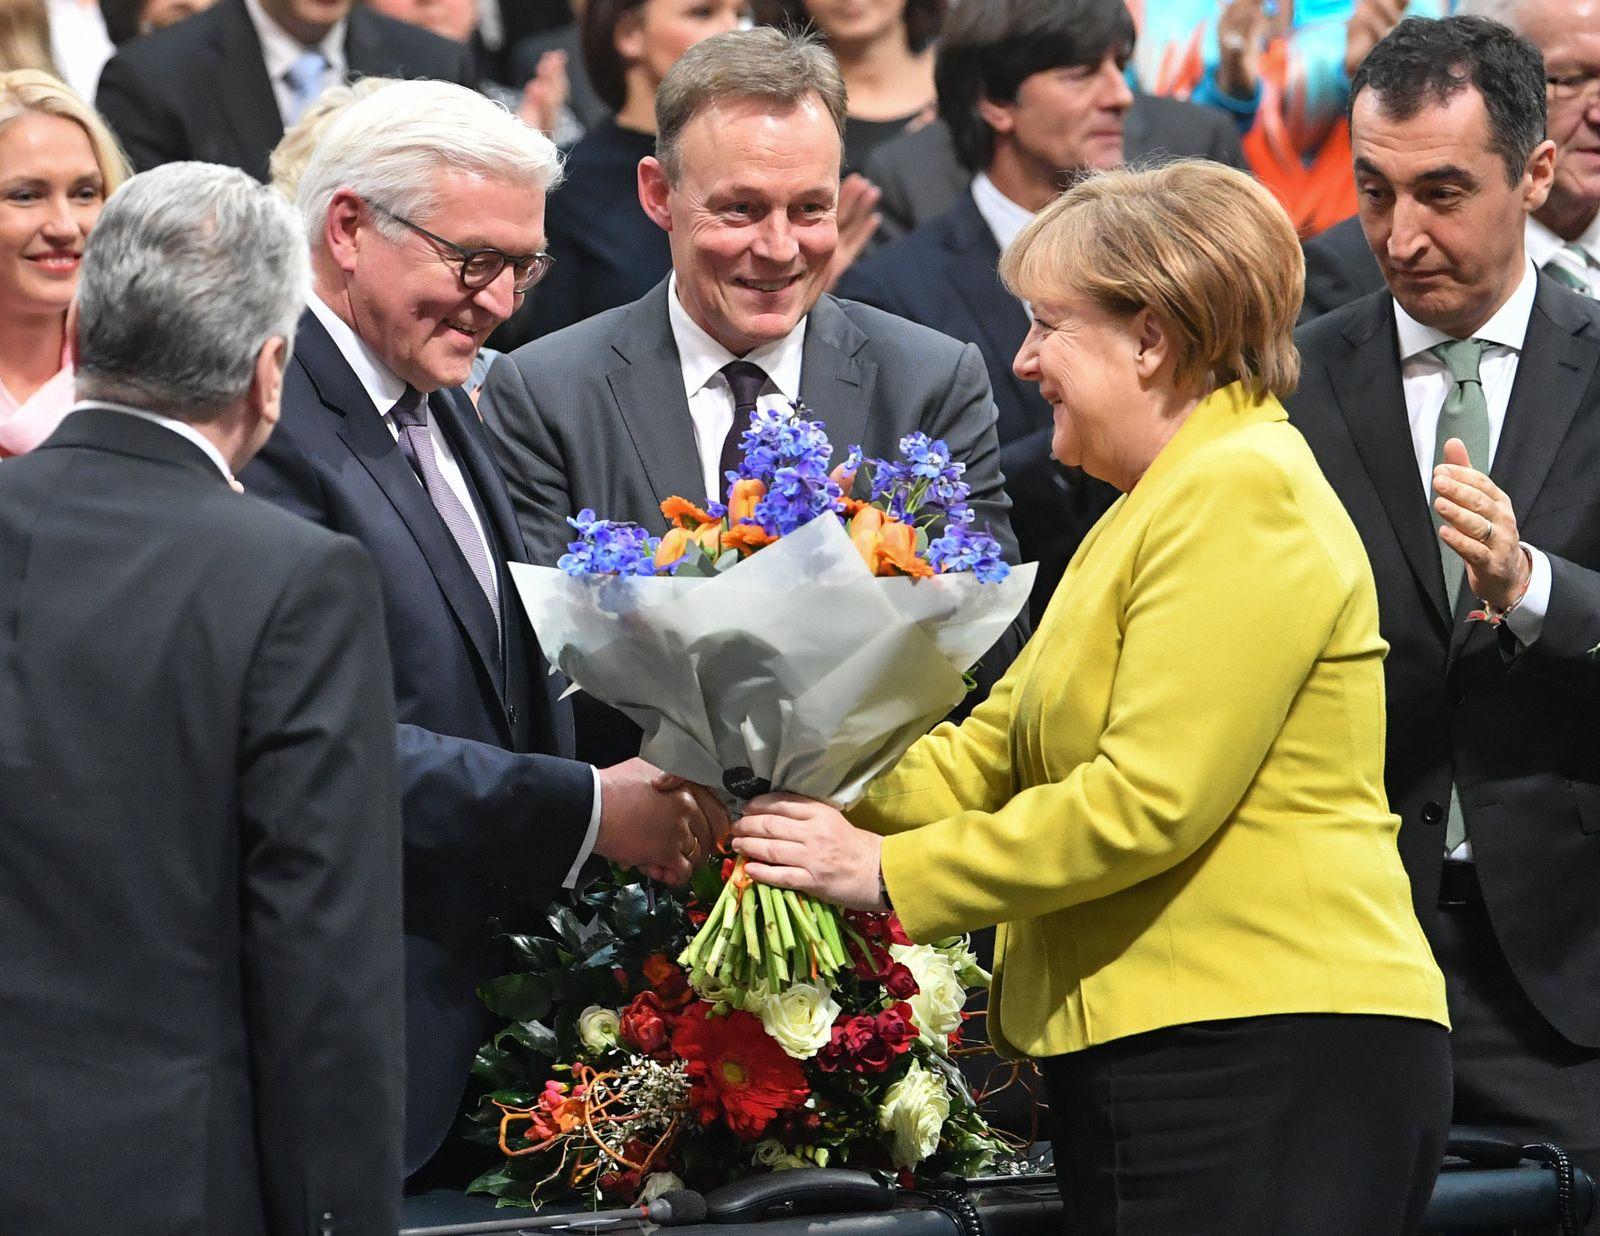 Bundespräsidentenwahl 2017